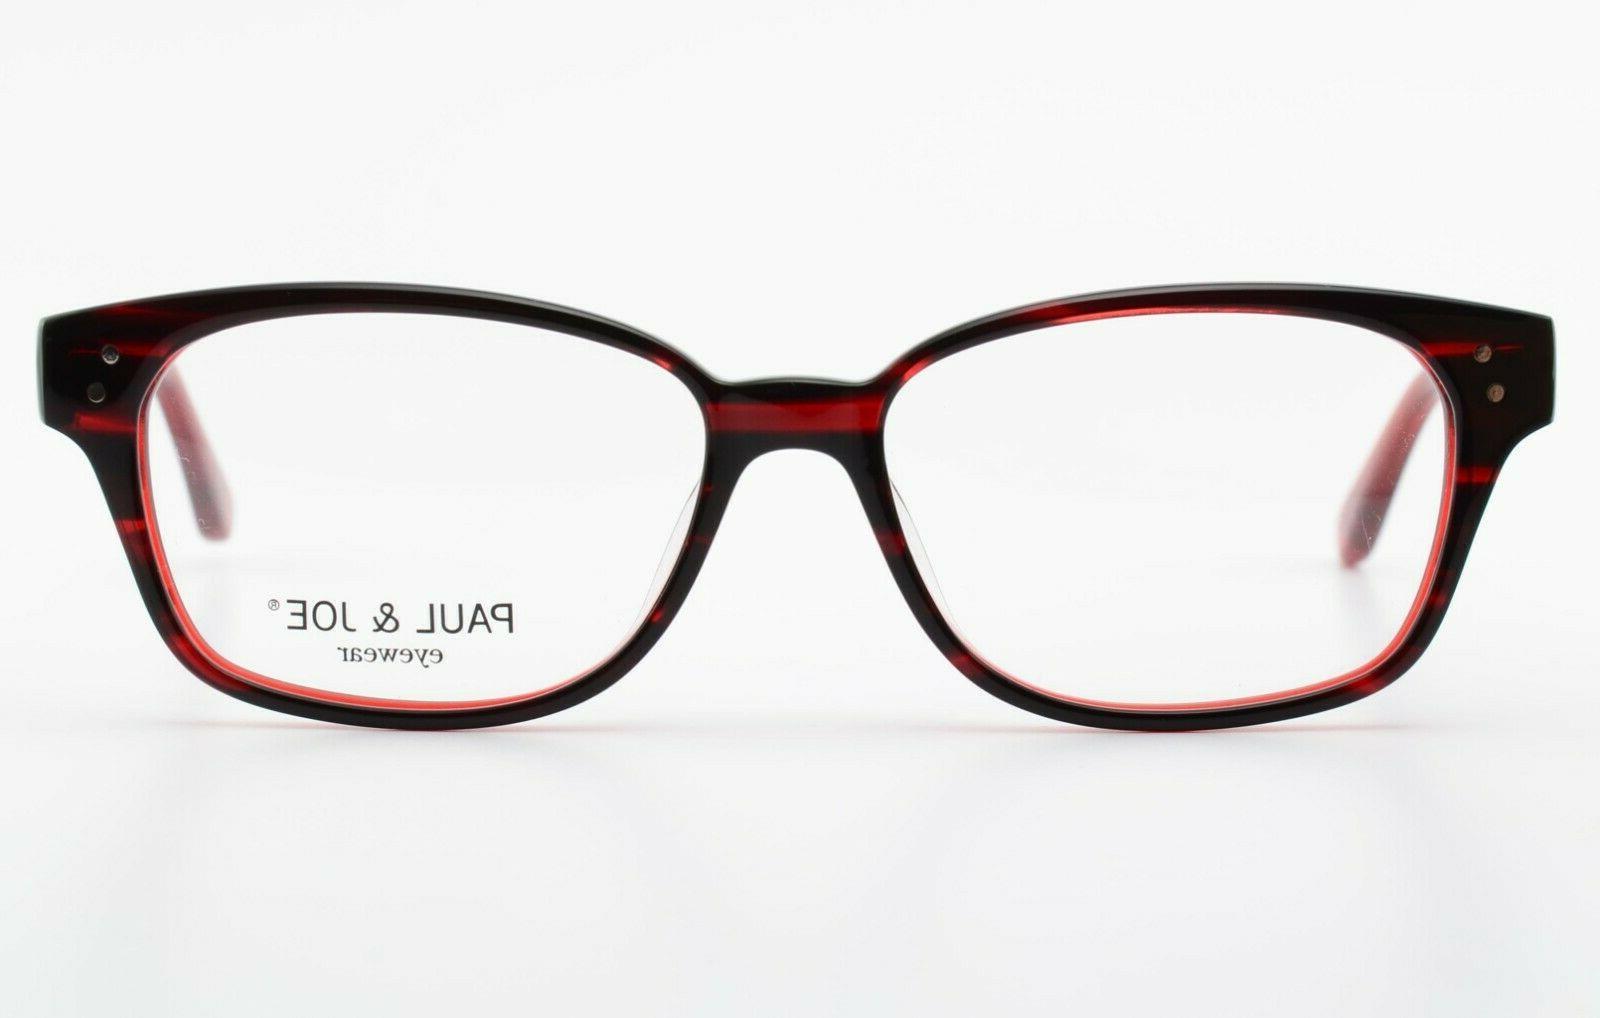 PAUL & JOE Glasses 49 135 Red Eye Frame Owl